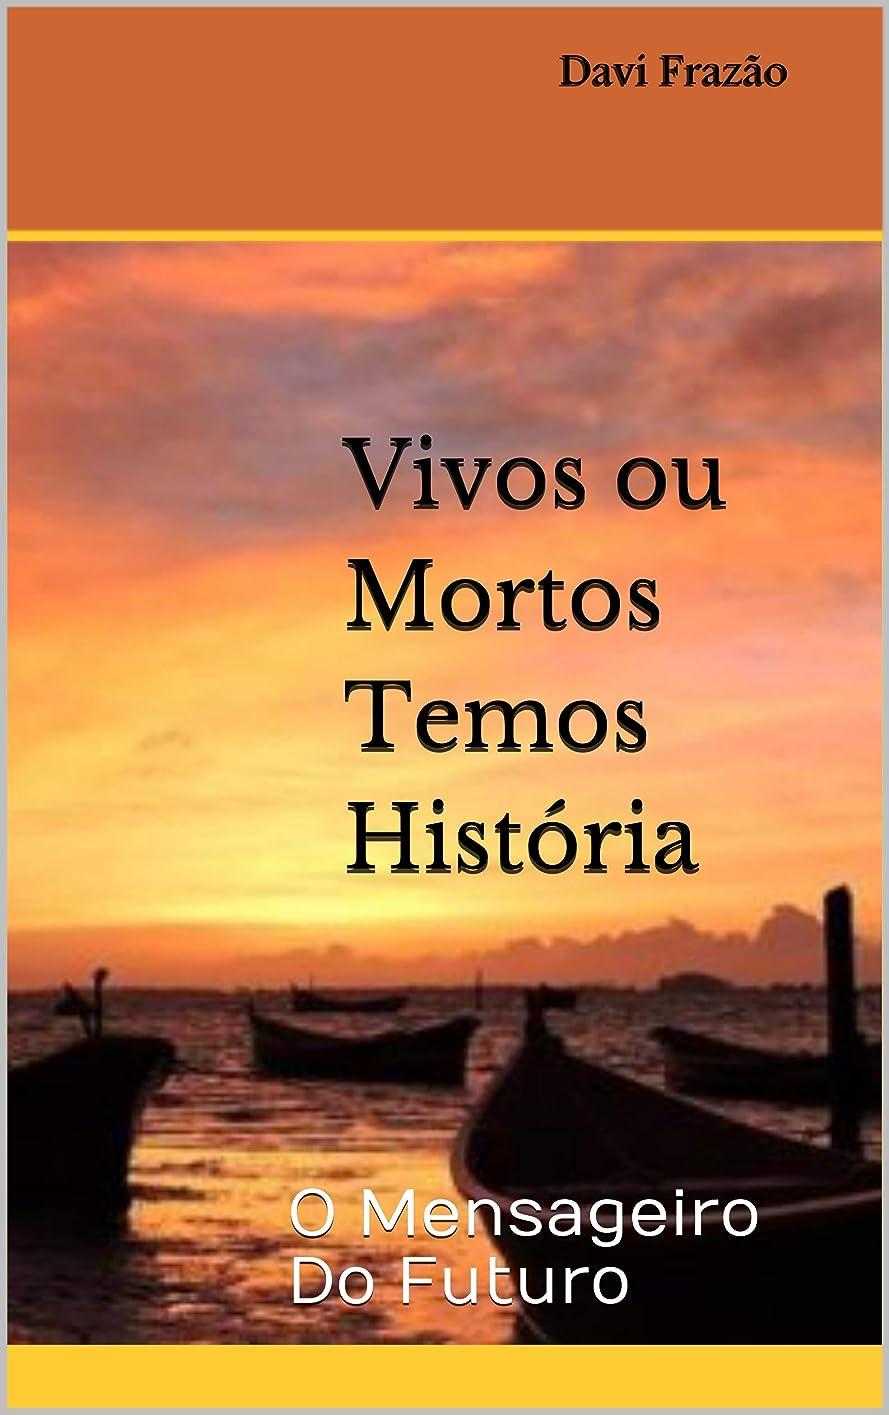 アクセスネクタイ抵当Vivos ou Mortos Temos História: O Mensageiro Do Futuro (Portuguese Edition)